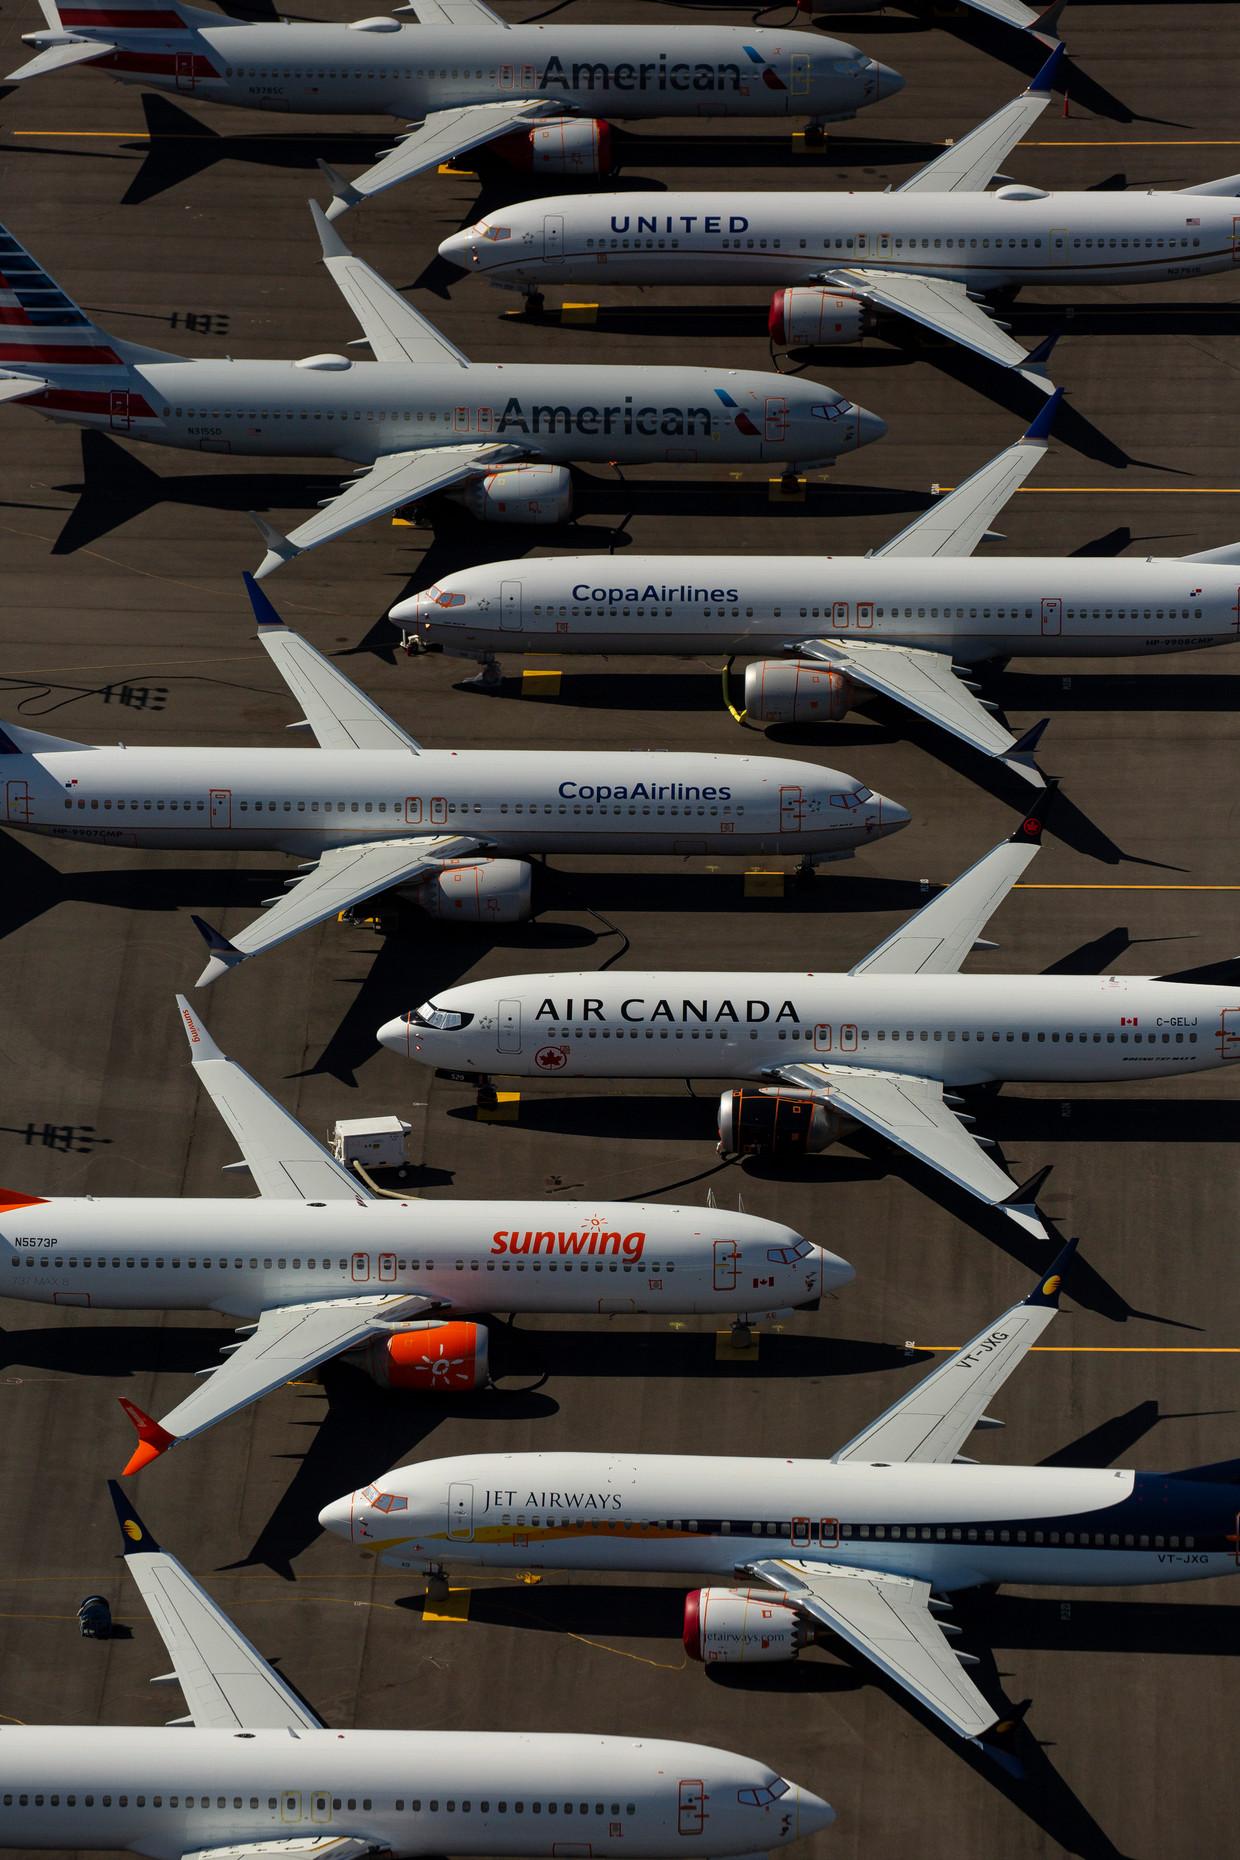 737 Max-vliegtuigen op een vliegveld in Seattle, waar Boeing toestellen stalt voor ze naar de klant gaan. Vanwege het vliegverbod blijven tientallen toestellen staan, waardoor Boeing ze nu noodgedwongen plaatst op de parkeerterreinen rond zijn fabriek in het nabijgelegen Renton.